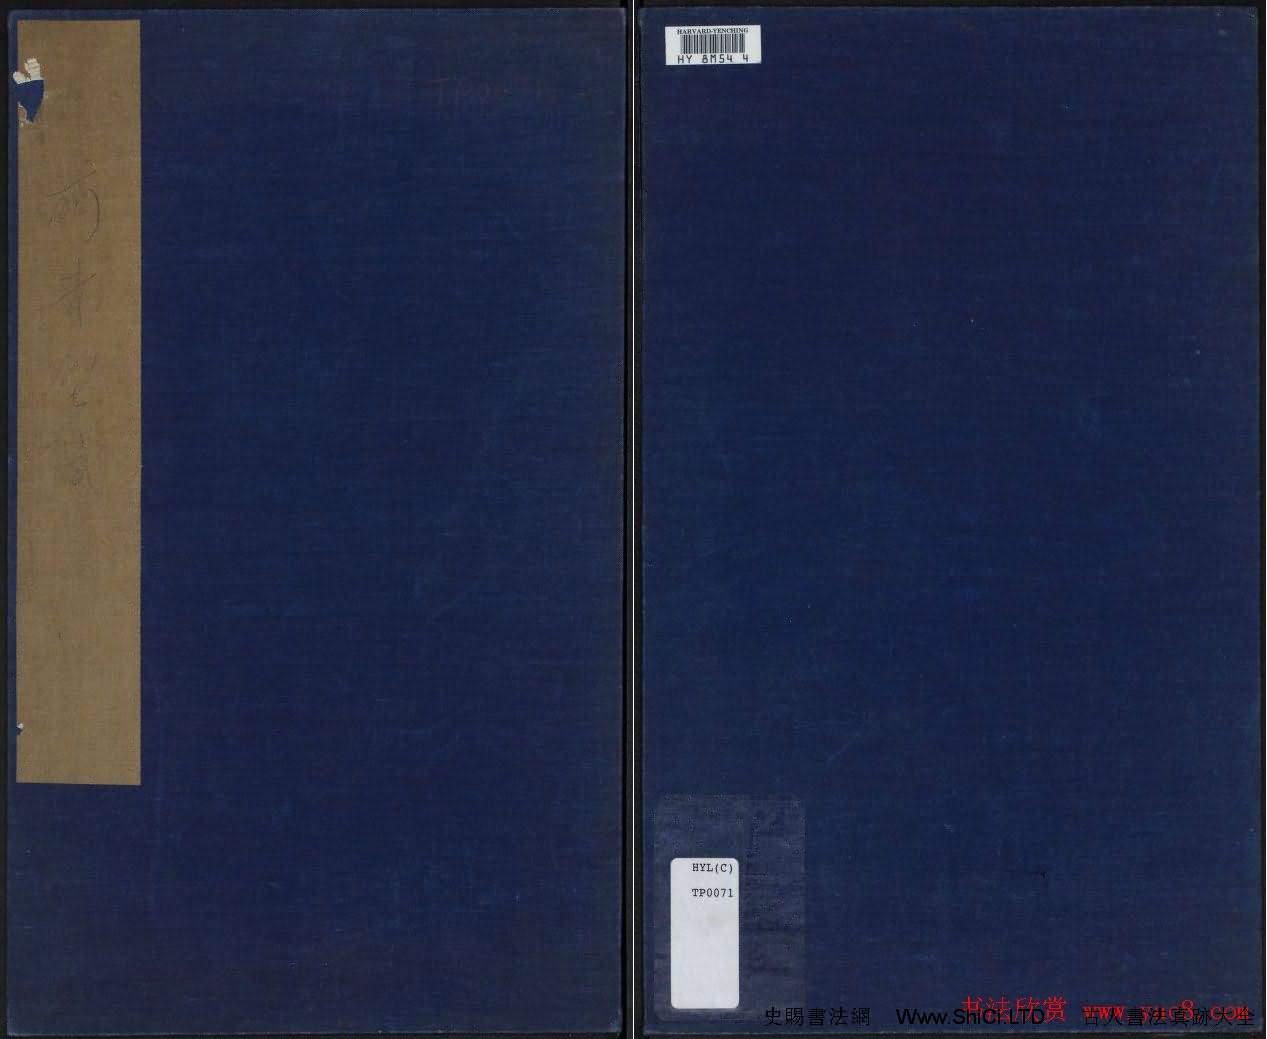 蘇東坡行書真跡欣賞《前赤壁賦》民國拓本(共34張圖片)